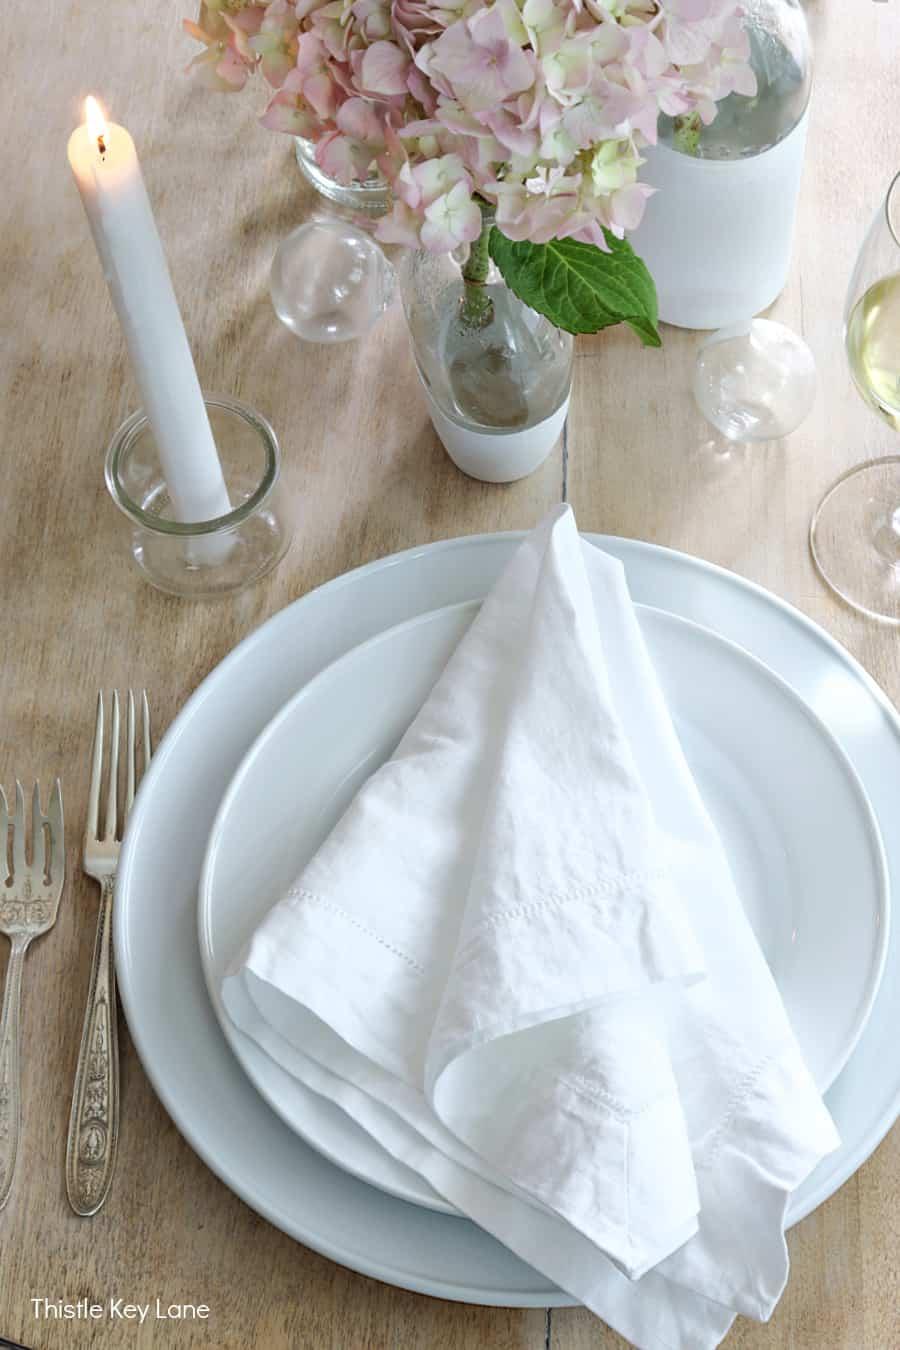 White linen napkins casually arranged on white plates.